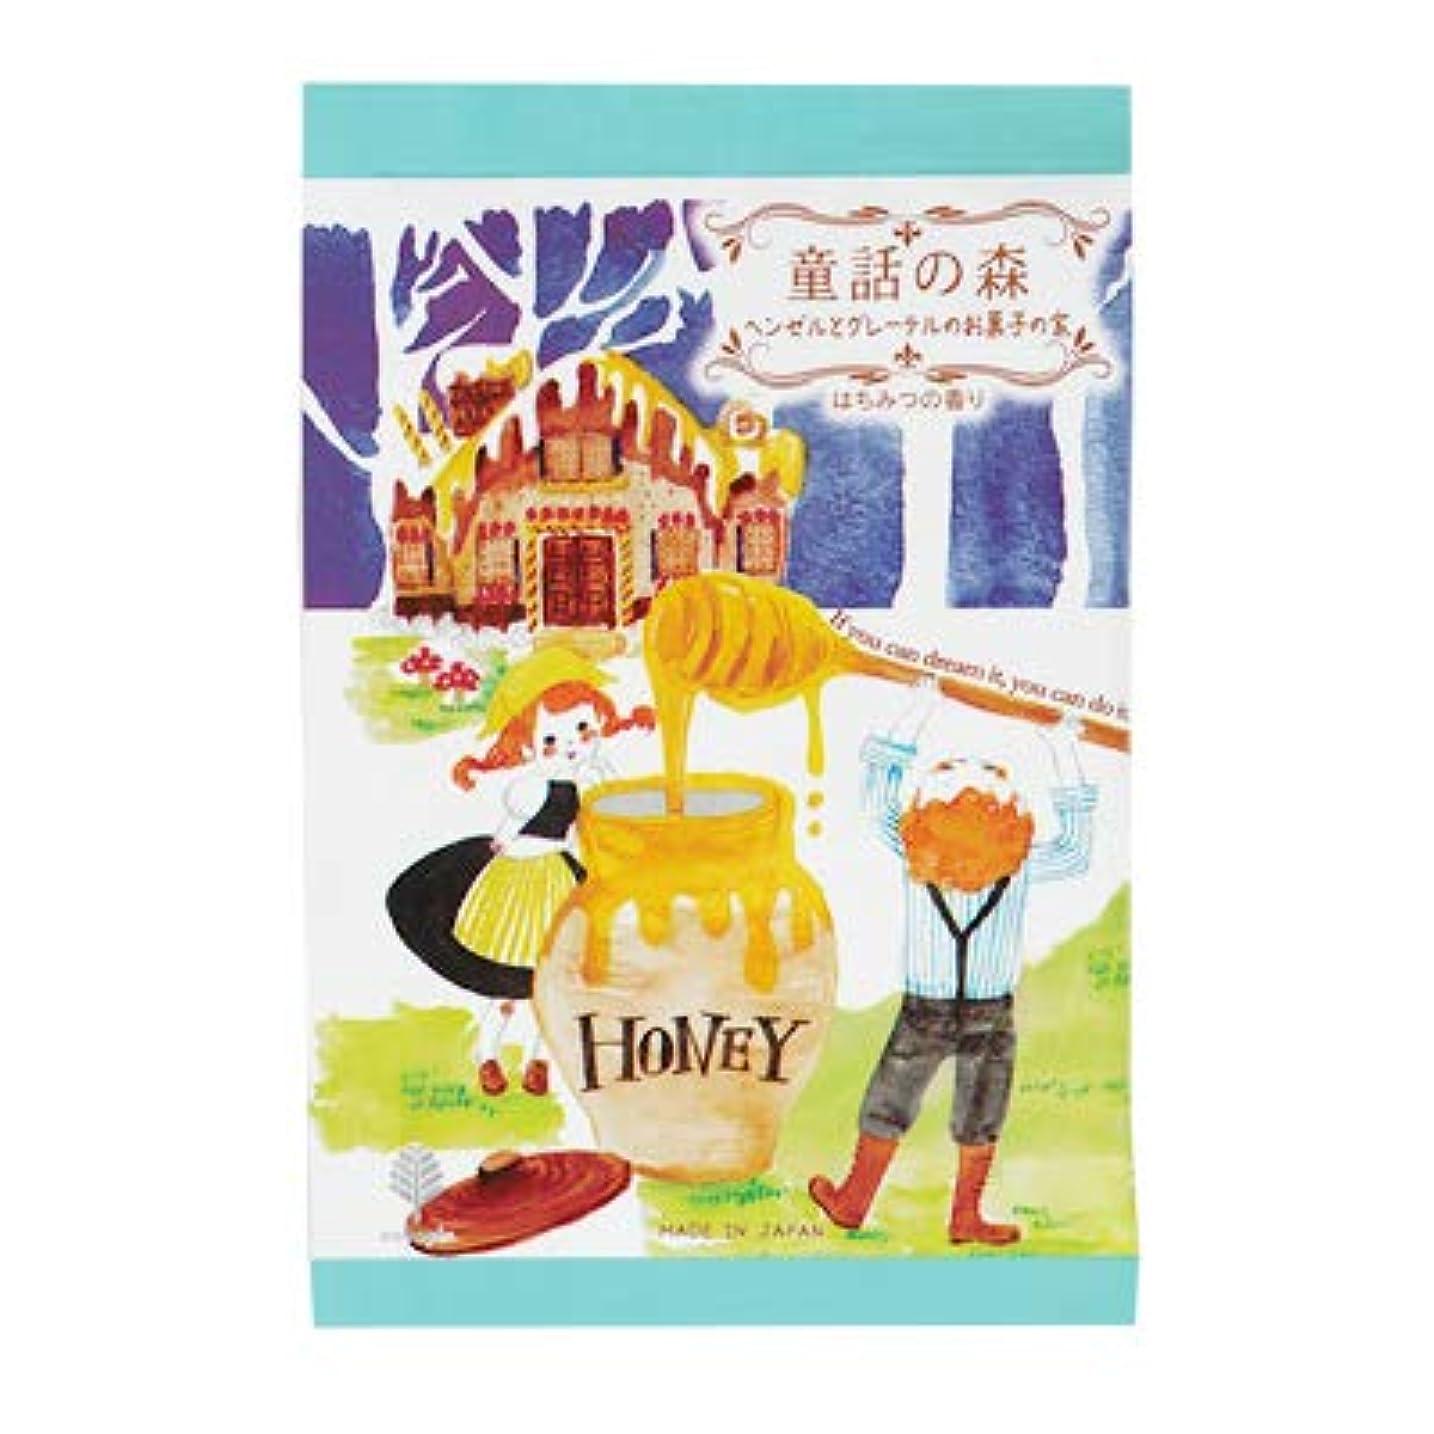 未亡人アクティビティ余暇【まとめ買い3個セット】 童話の森 ヘンゼルとグレーテルのお菓子の家